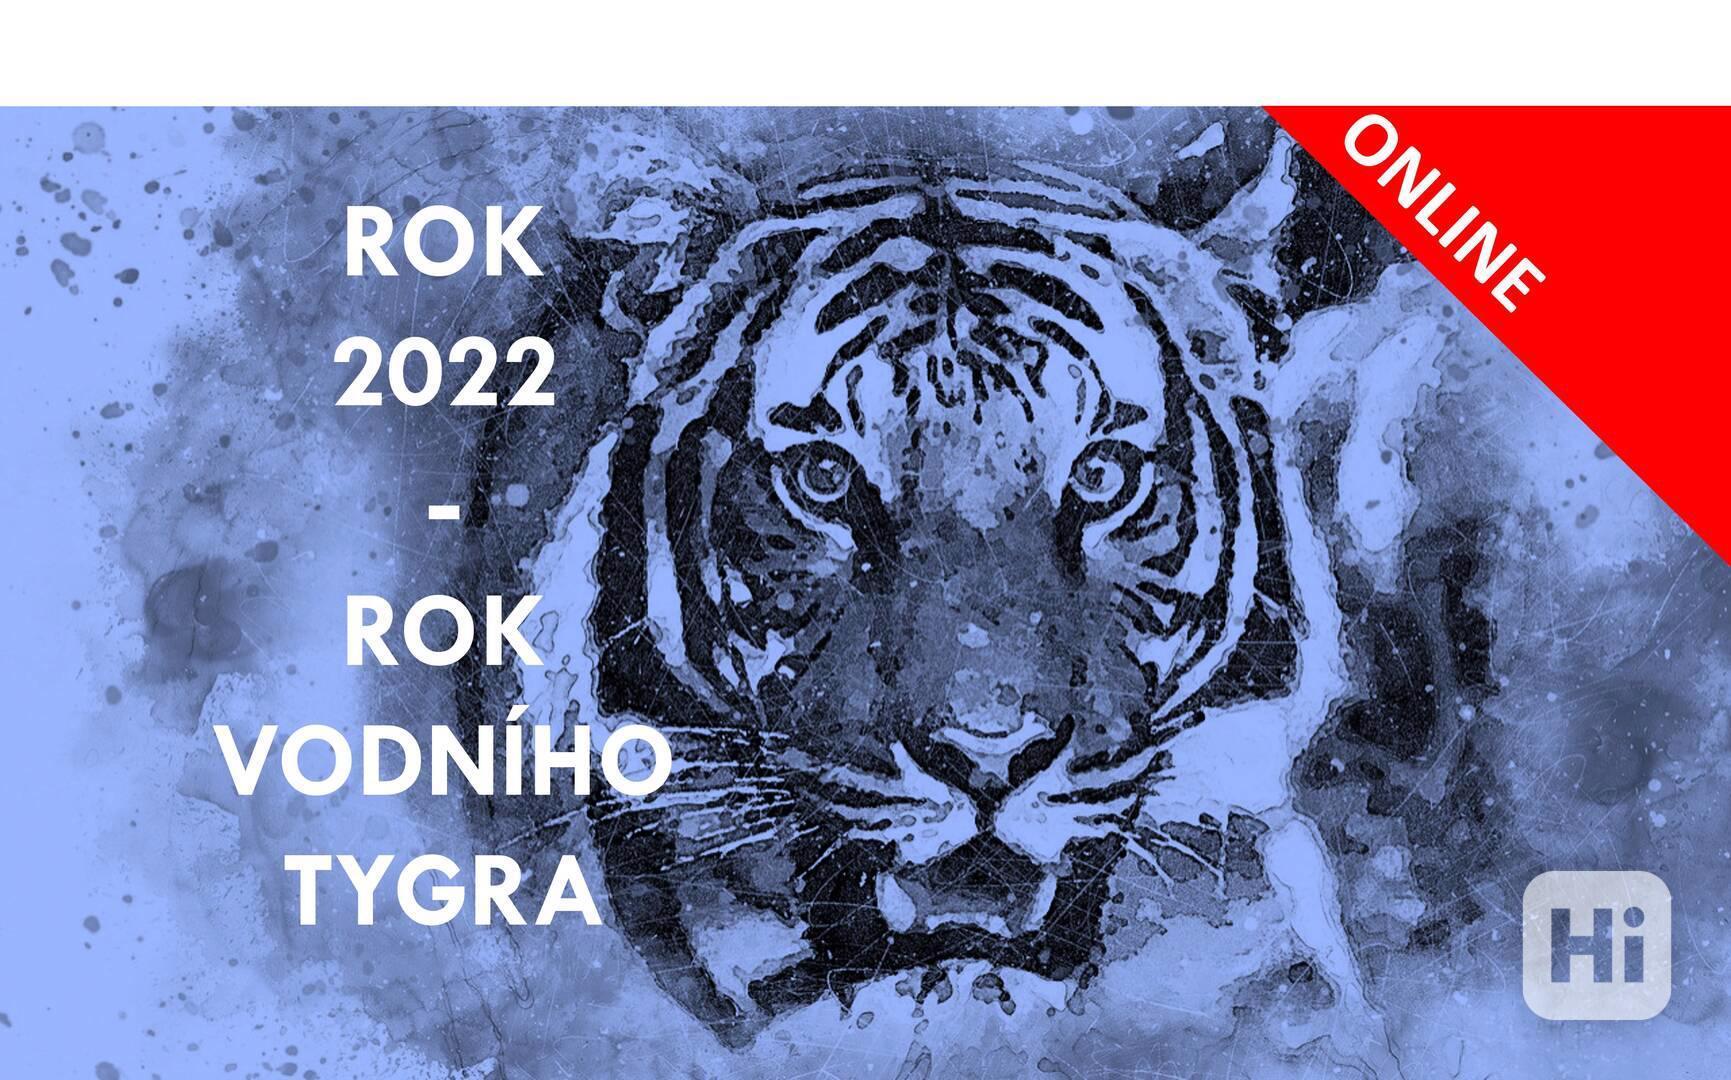 Připravte se dobře na nejisté období v roce 2022 ONLINE - foto 1